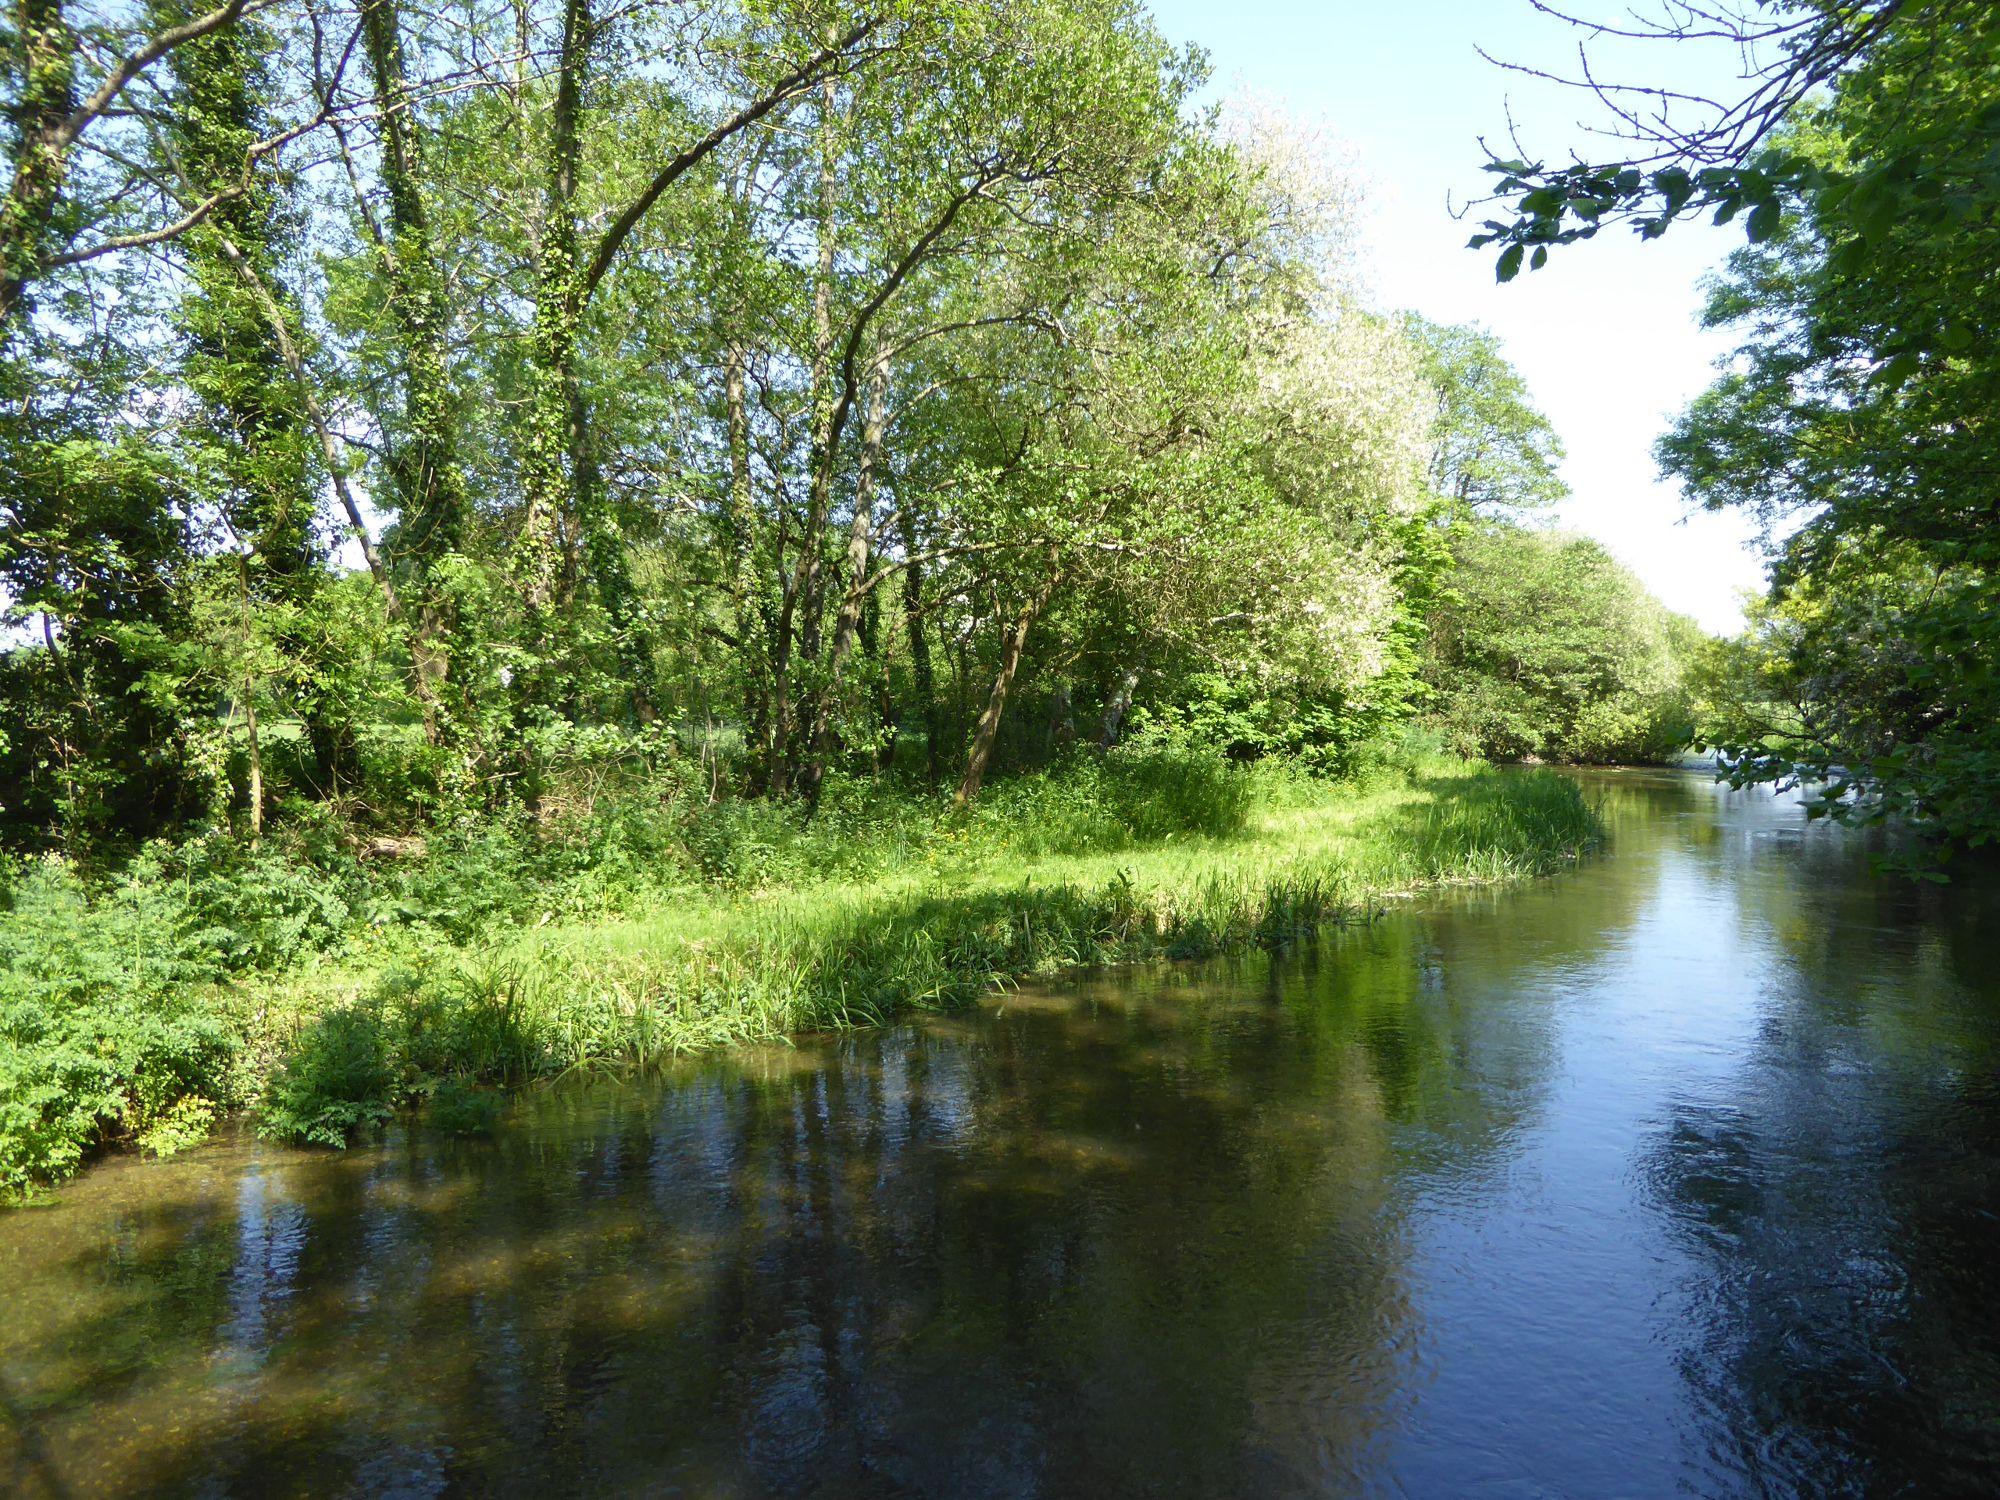 Campsites in Dorchester – I Love This Campsite